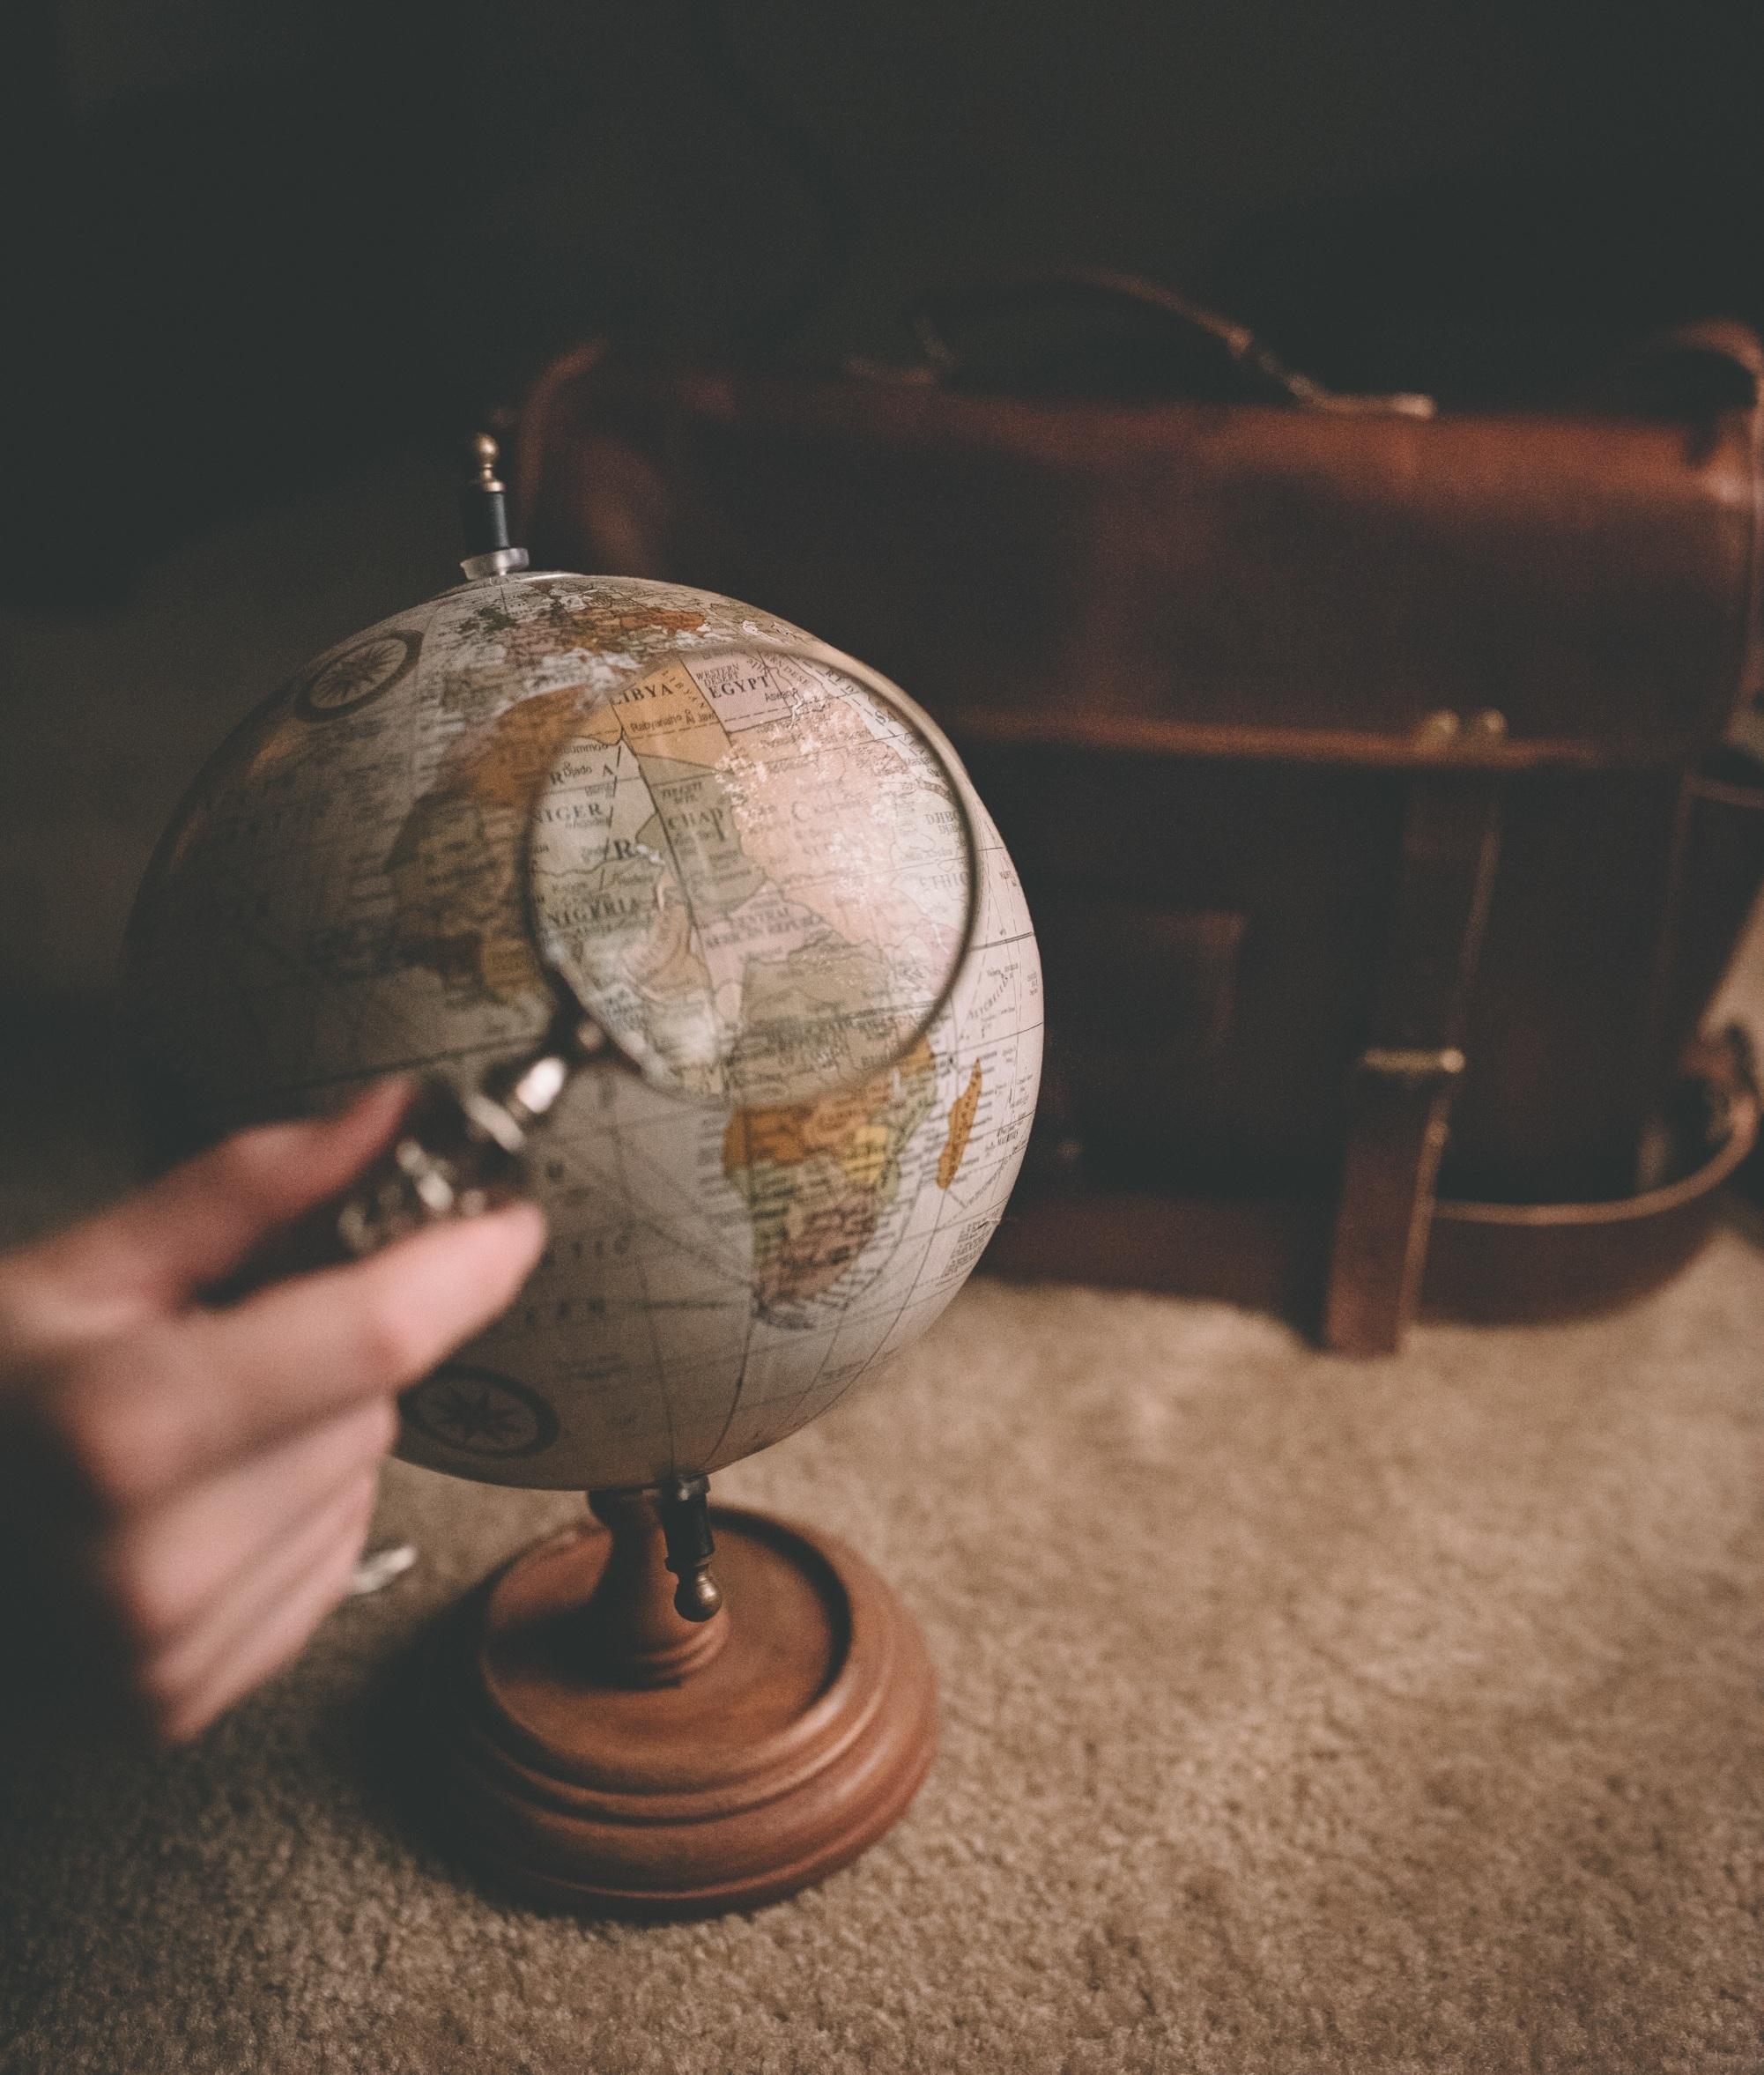 Die MissionEine Plattform für Change-maker - Mit unseren nachhaltigen Verein The Way We Go wollen wir zeigen, dass Umweltschutz auch aktiv betrieben werden kann.Die aktuellen Probleme auf diesem Planeten lassen sich nicht nur innerhalb eines Landes oder Kontinents lösen. Dafür braucht es einen gesamtheitlichen Ansatz. Die ganze Welt muss verstehen, dass Umweltschutz nur grenzübergreifend funktioniert.Erfahren Sie mehr